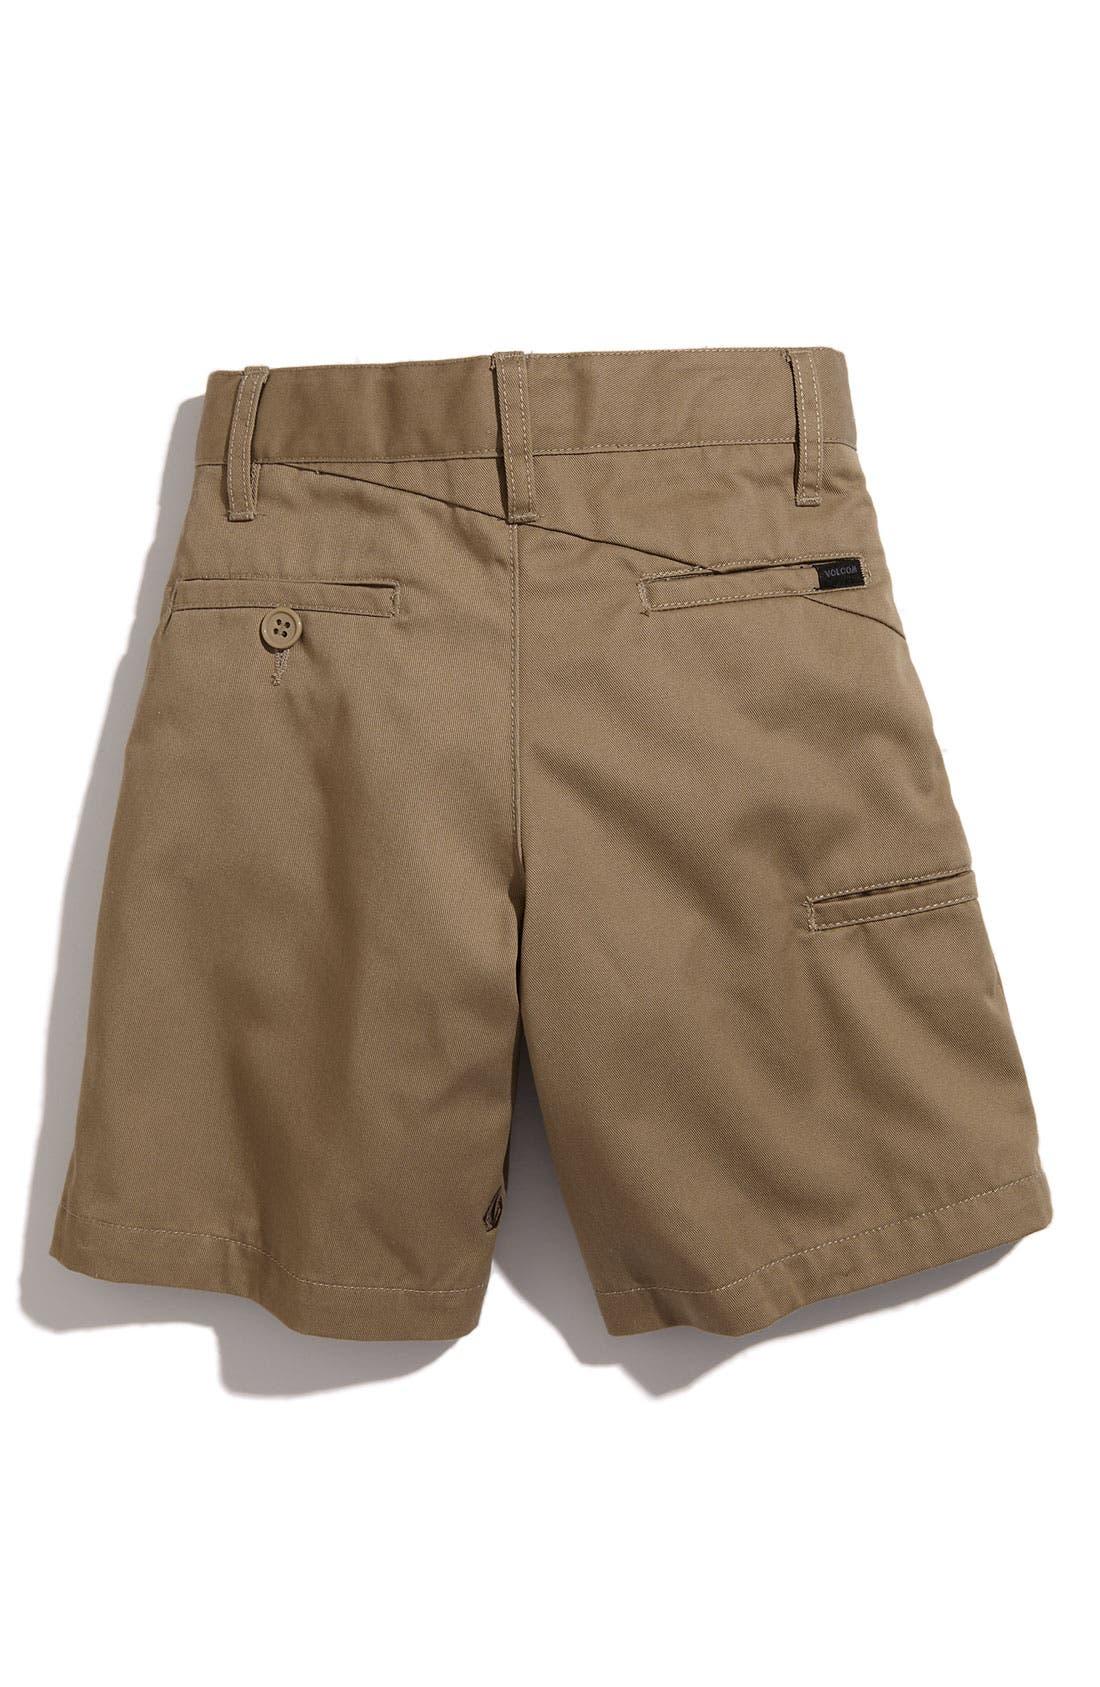 Alternate Image 2  - Volcom 'Modern' Chino Shorts (Toddler Boys)